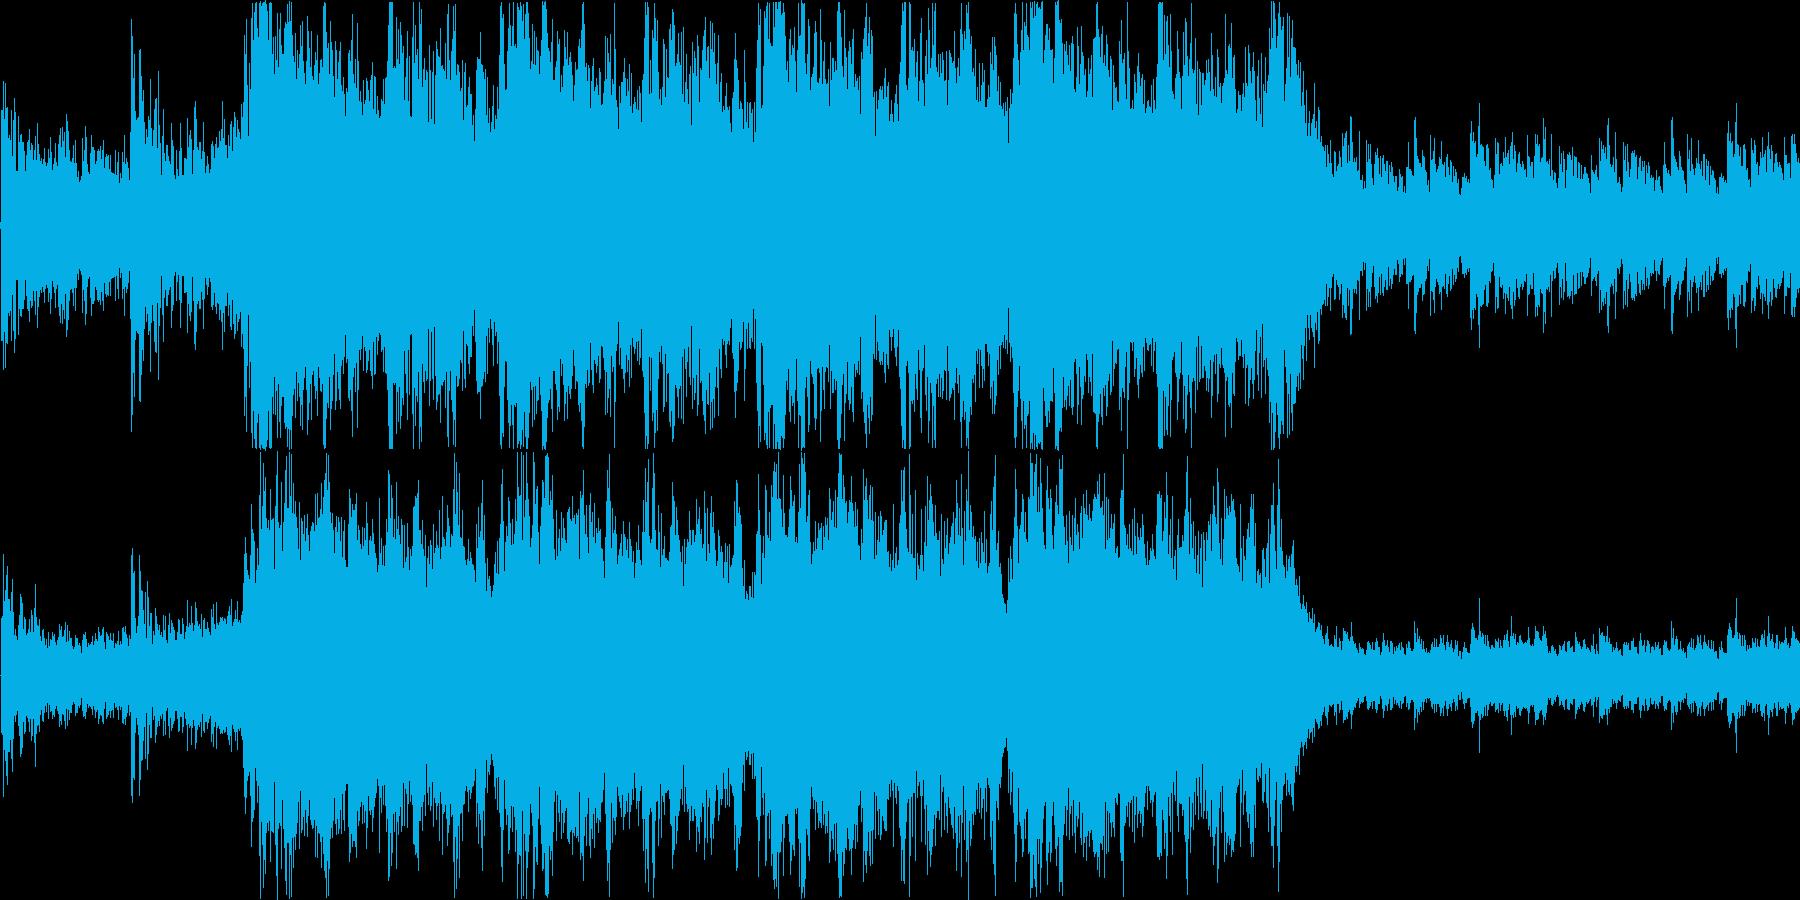 緊張感のあるダークなオーケストラ/戦闘系の再生済みの波形